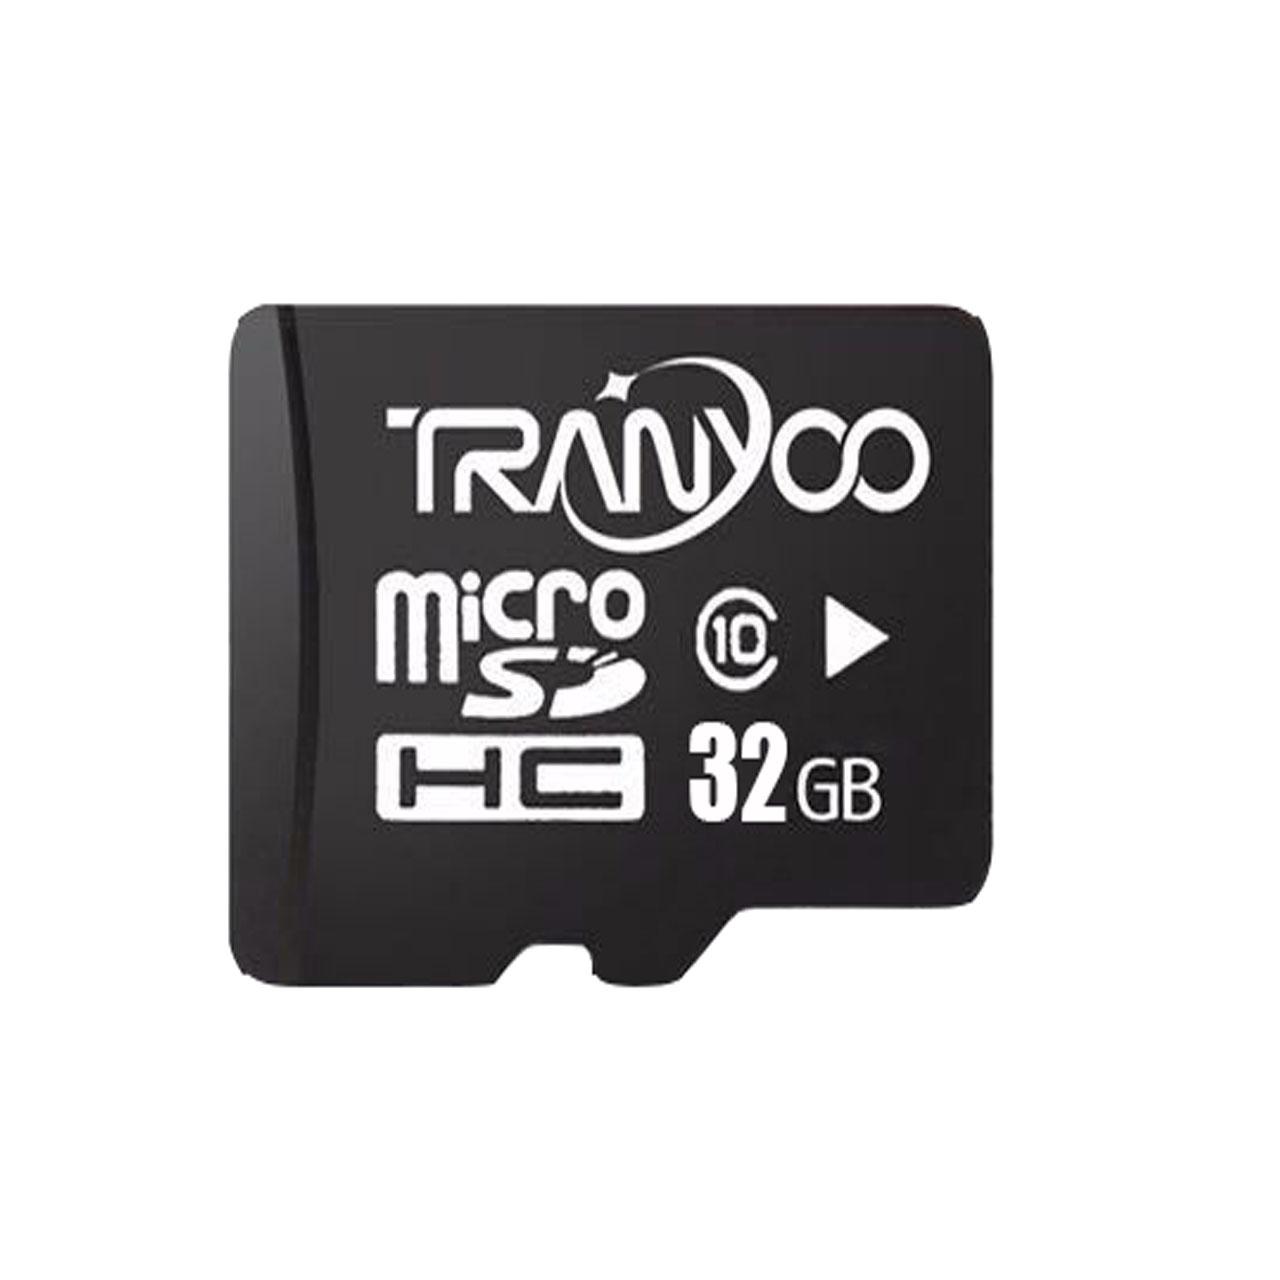 کارت حافظه microSDHC ترانیو مدل LSPEED کلاس 10 استاندارد UHC-I U1 سرعت 30Mbs ظرفیت 32 گیگابایت